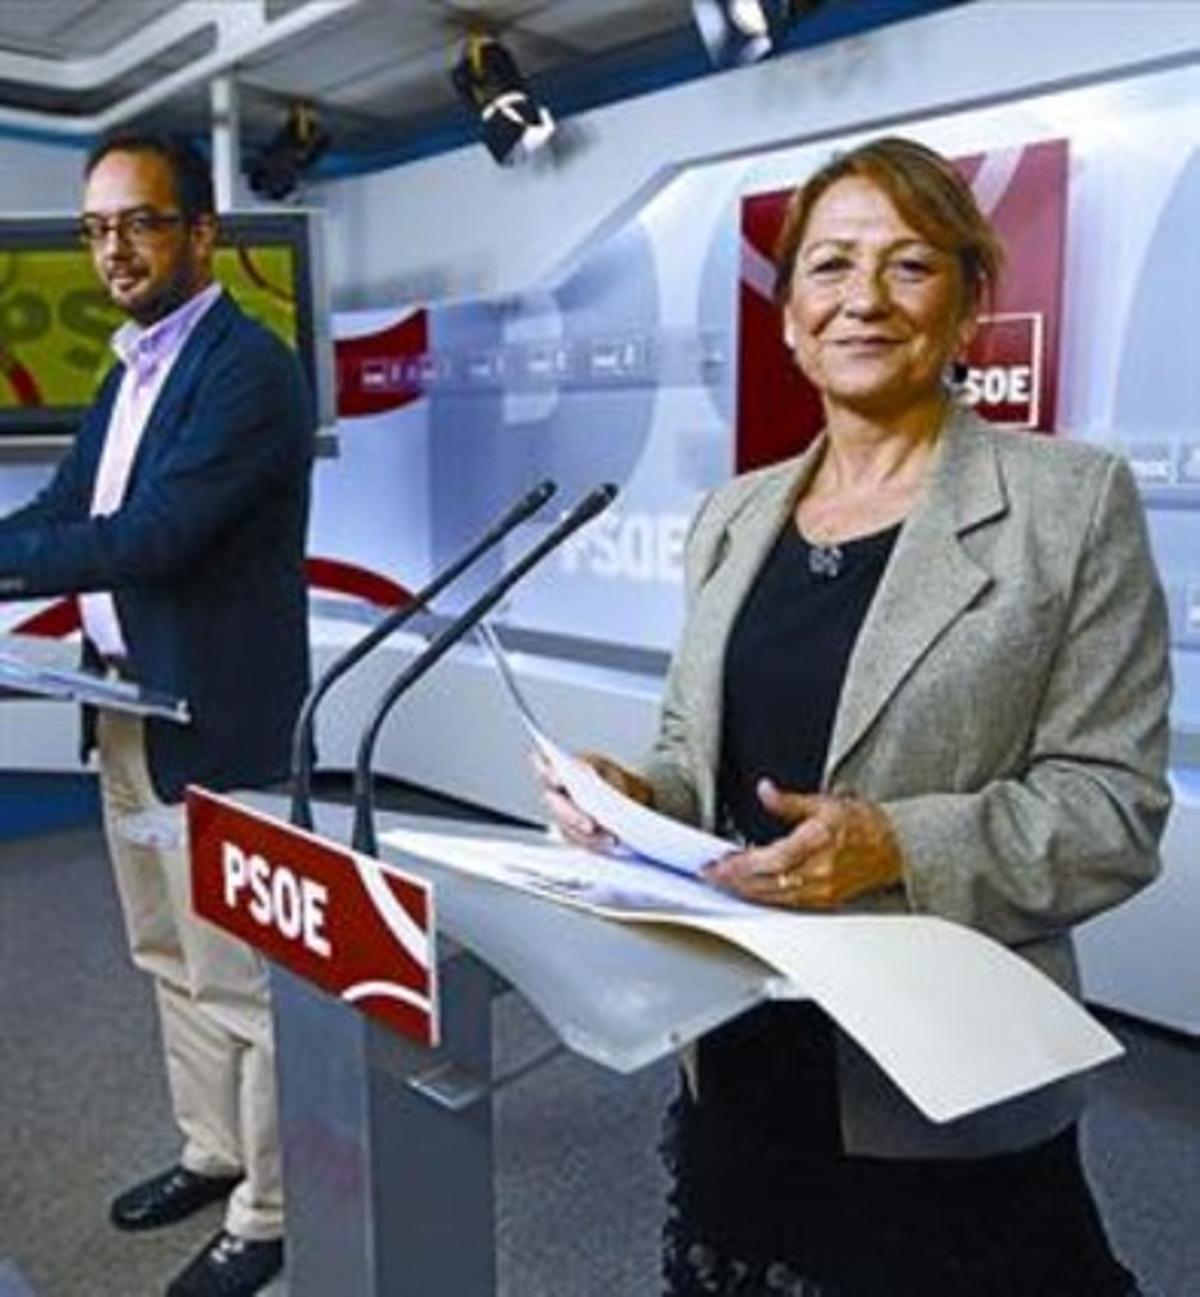 Los diputados socialistas Antonio Hernando e Inmaculada Rodríguez Piñero exponen la posición del PSOE sobre los desahucios, ayer.